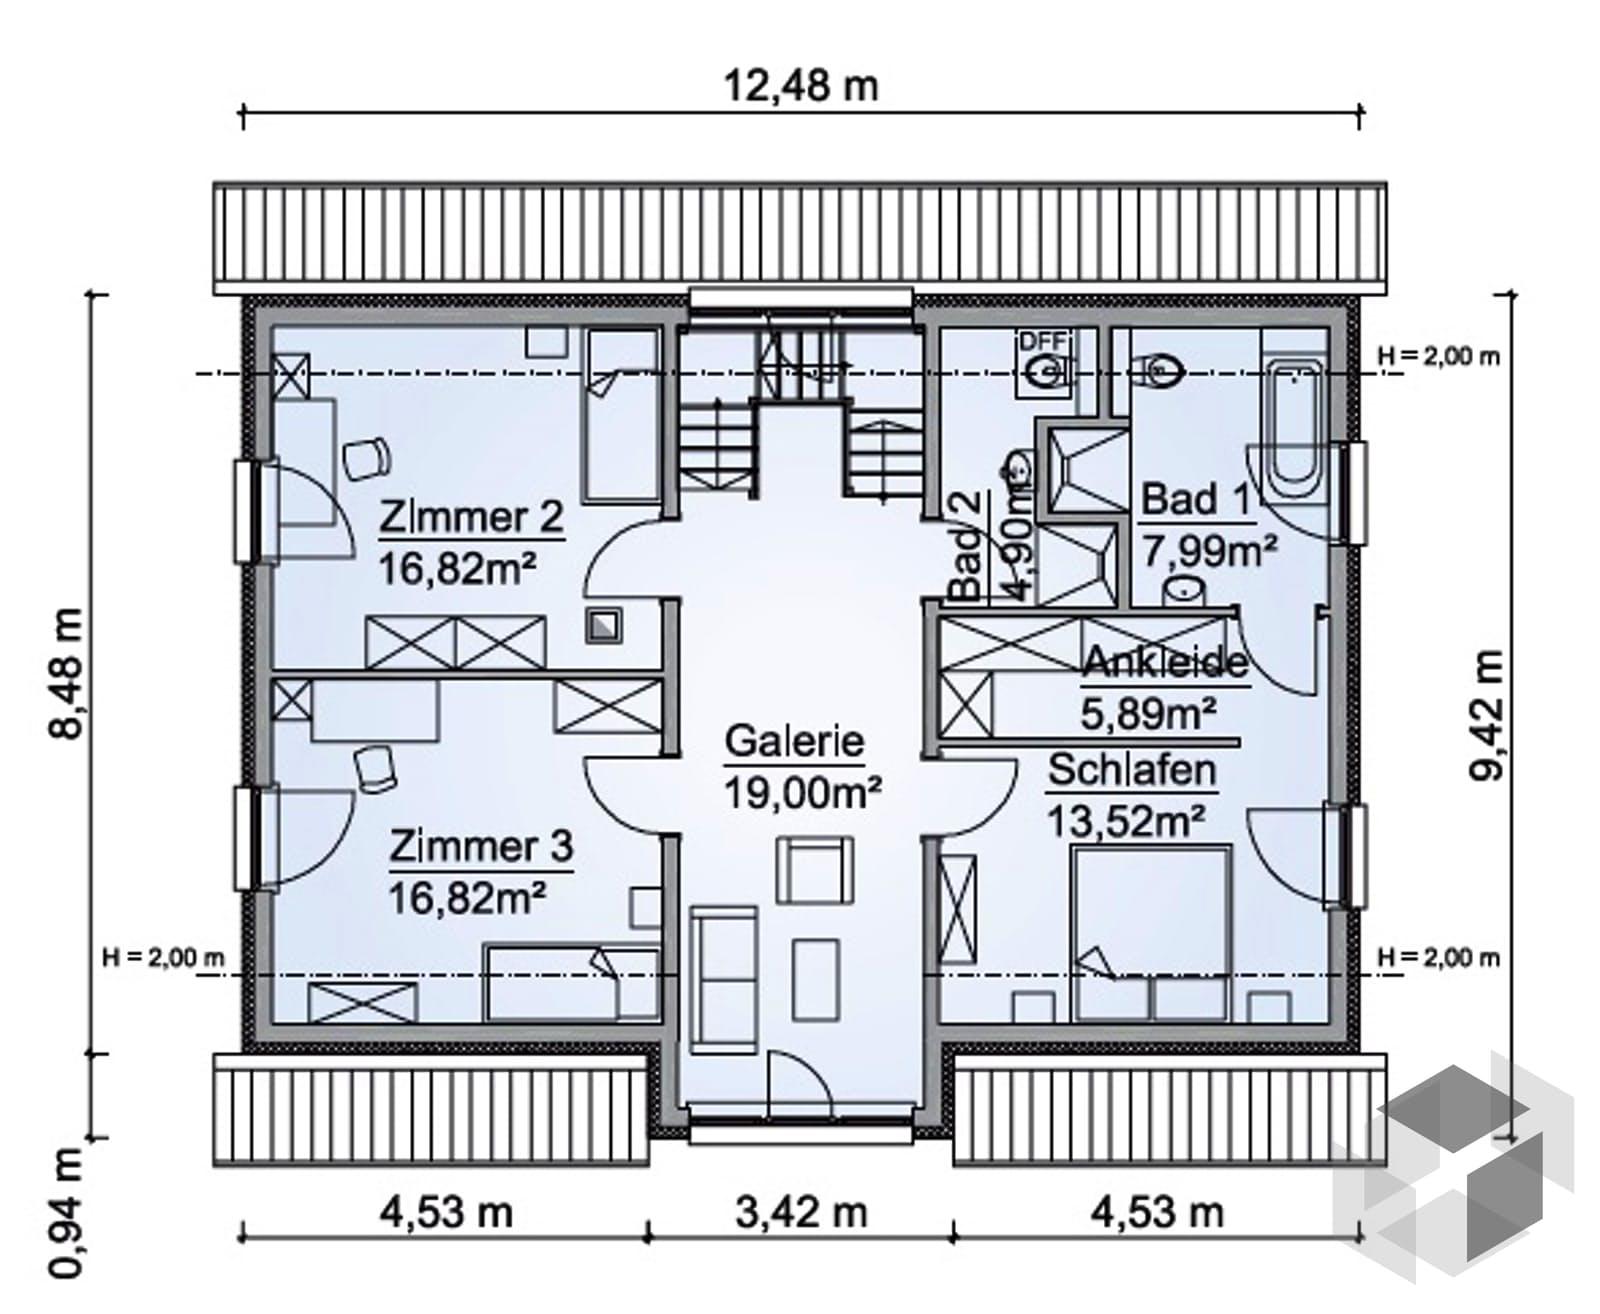 sh 180 d von scanhaus marlow komplette daten bersicht. Black Bedroom Furniture Sets. Home Design Ideas